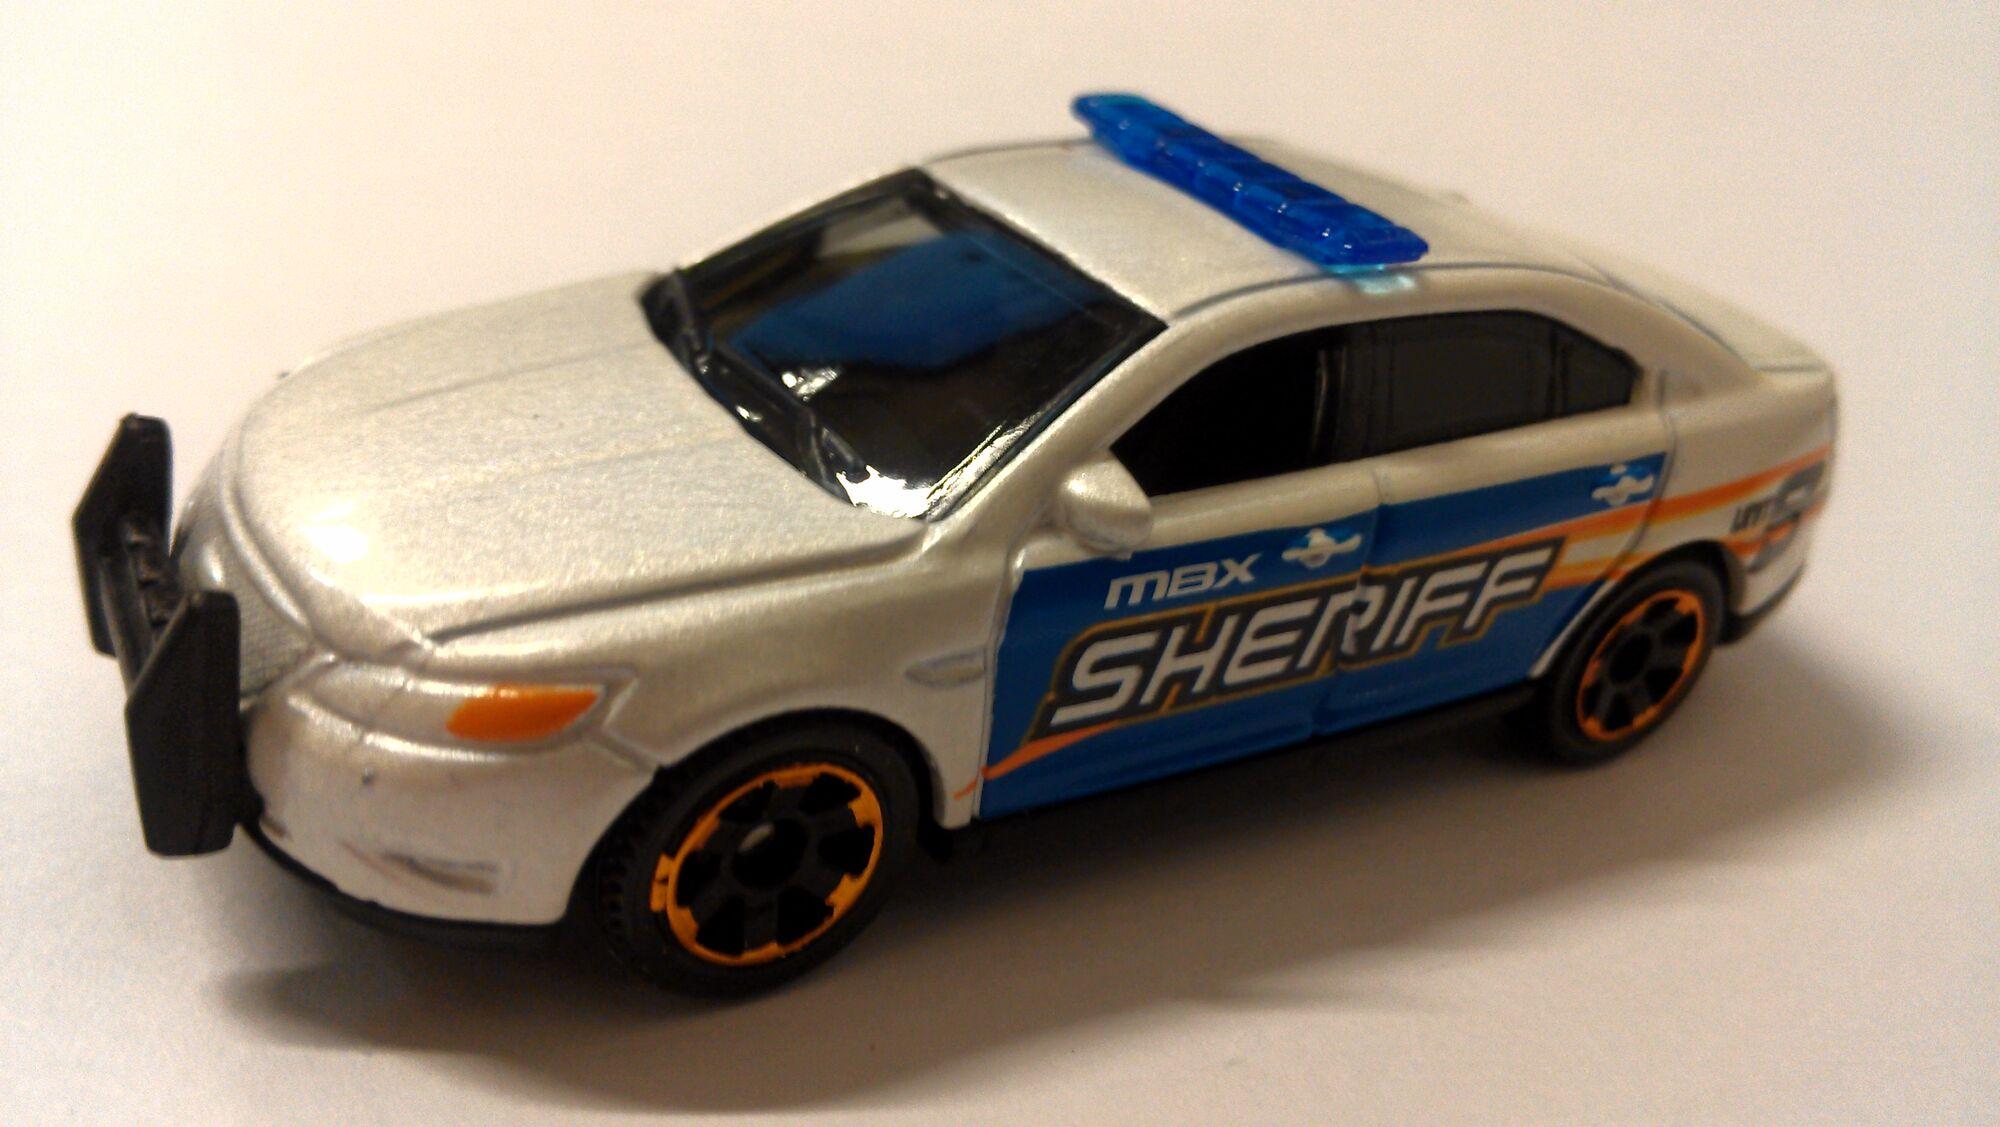 Ford Police Interceptor | Matchbox Cars Wiki | FANDOM powered by Wikia